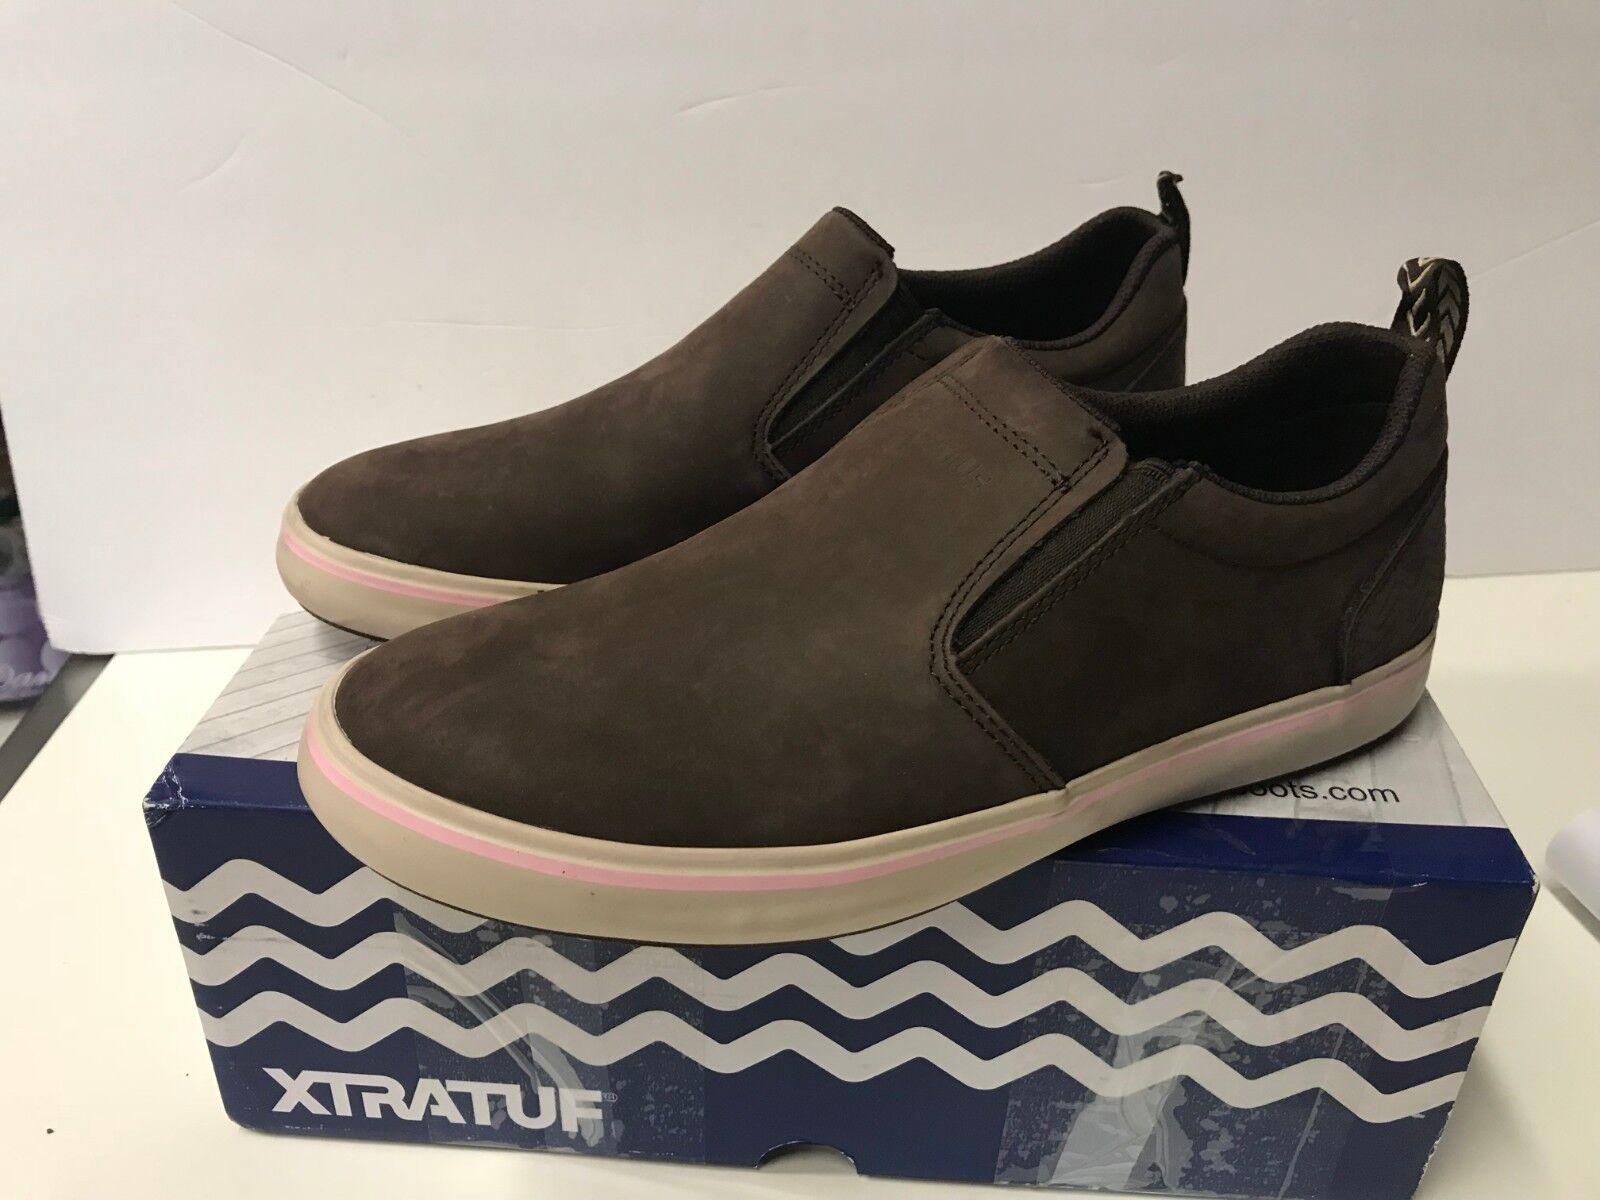 XTRATUF sharkbyte Para Para Para Mujer Zapatos de Cubierta de cuero nobuck 9 de EE. UU. 22504  entrega de rayos